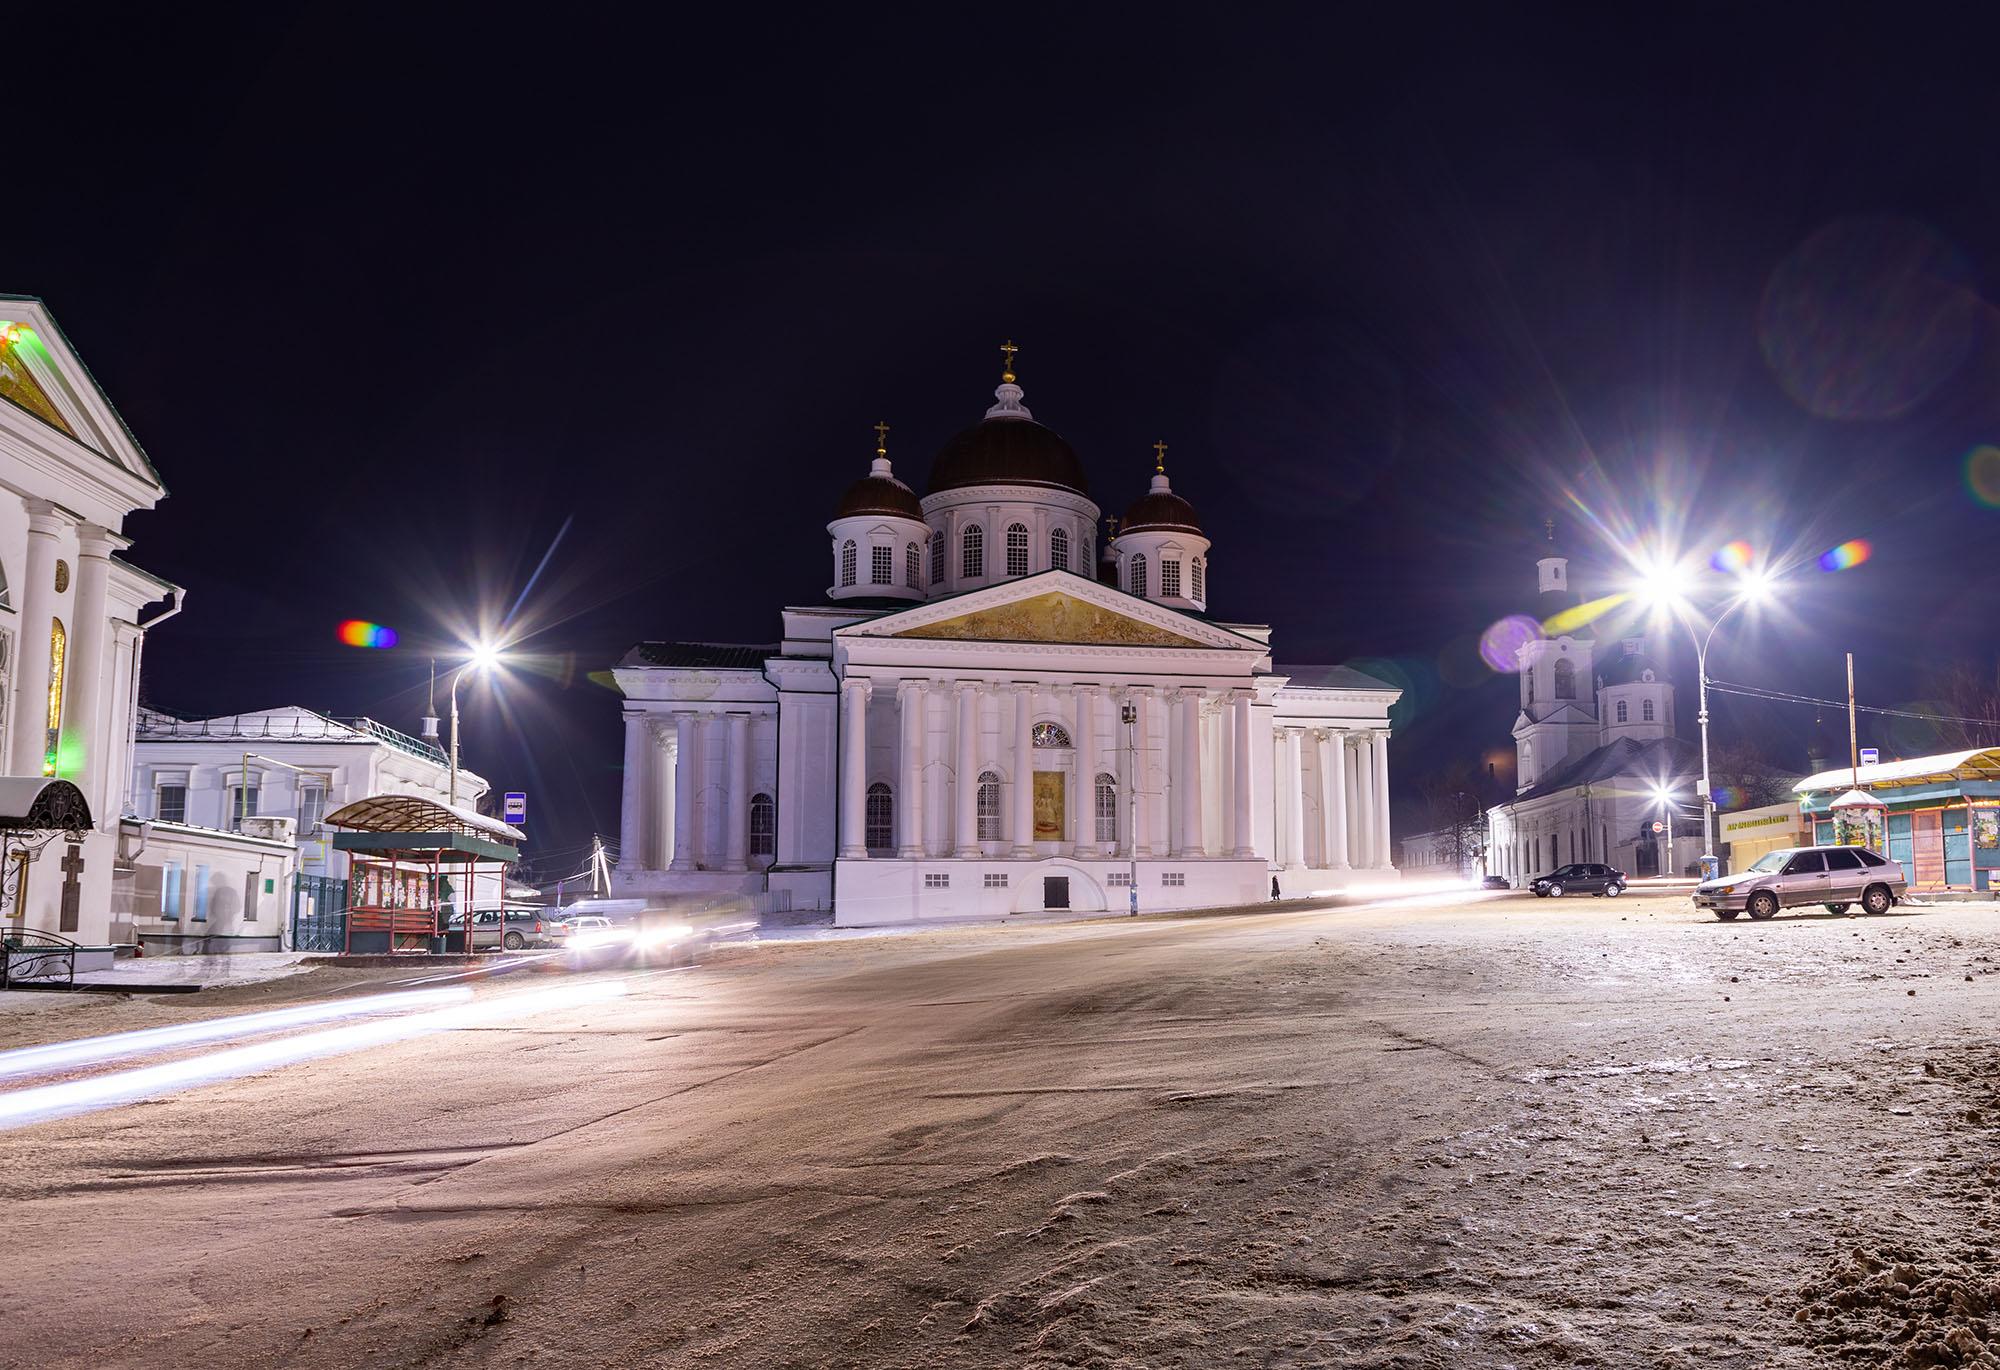 Арзамас вошел в число самых самобытных городов за пределами Золотого кольца России